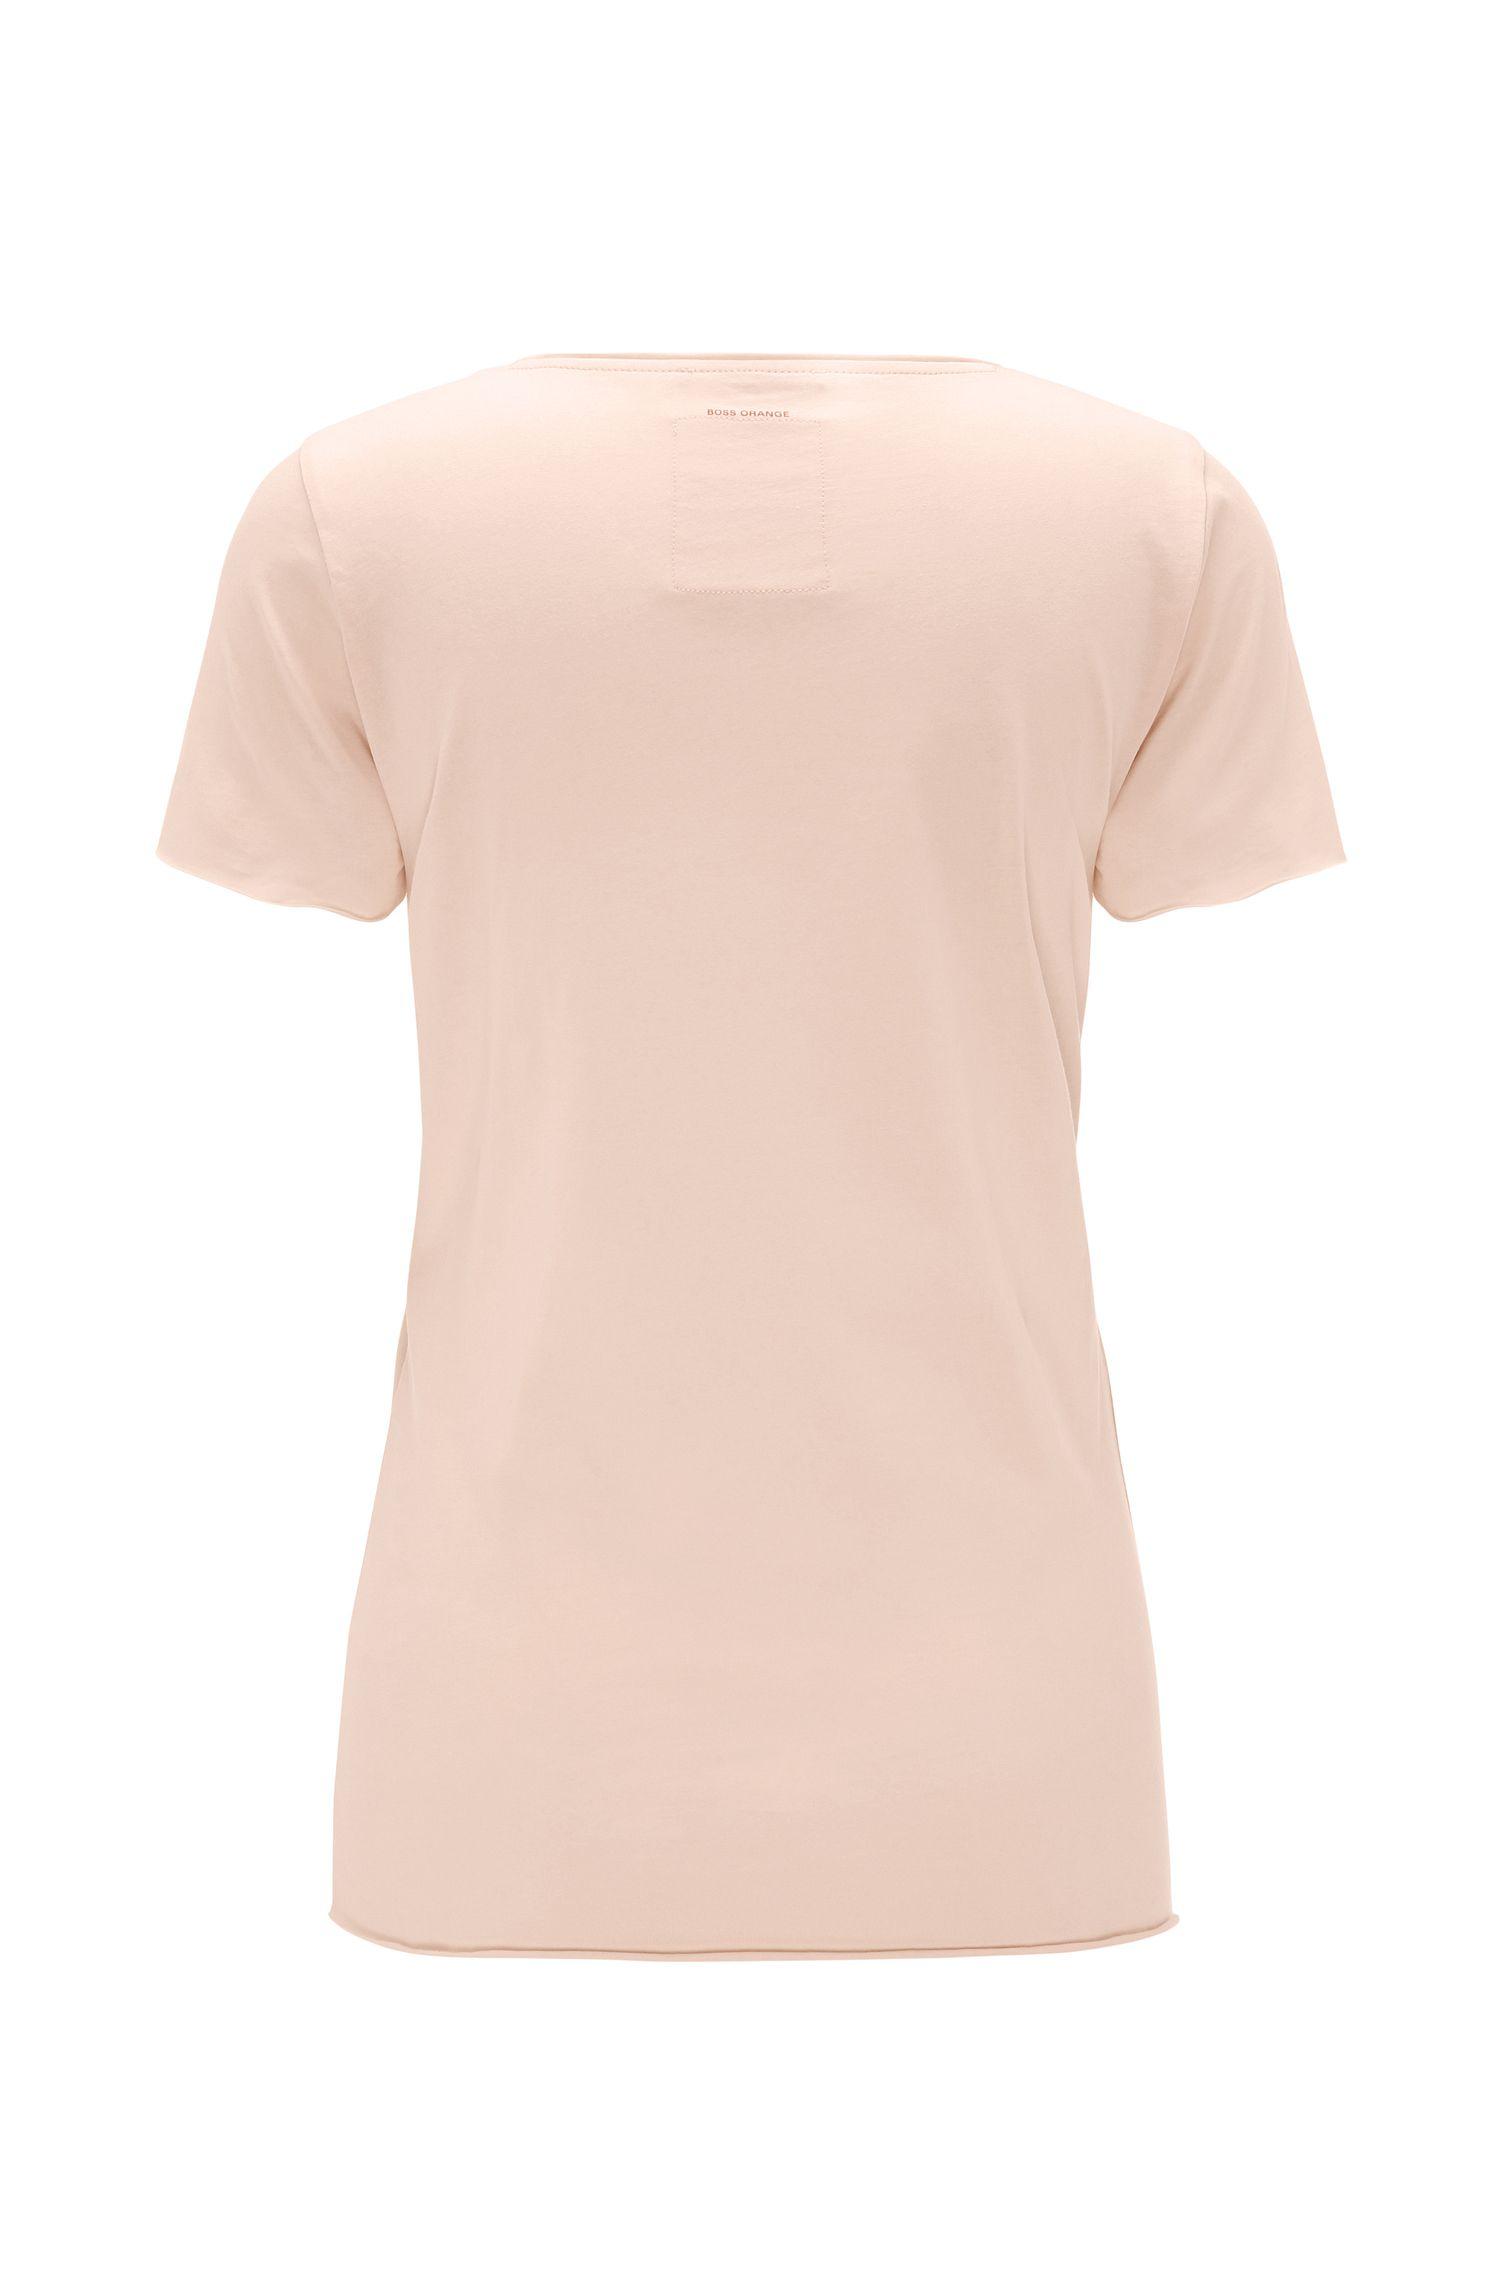 T-shirt van zuiver katoen met print: 'Tilogo', Lichtroze